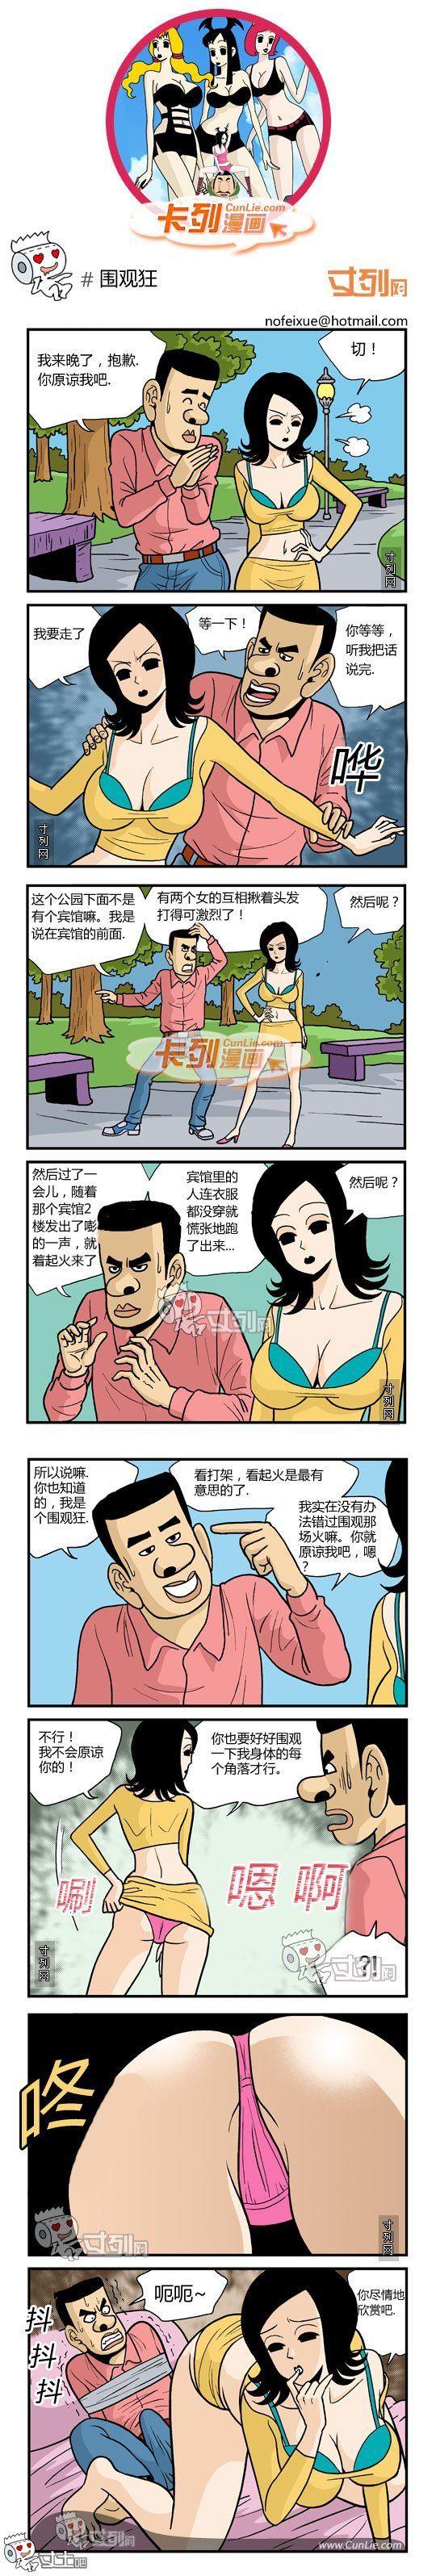 79.卡列漫画围观狂